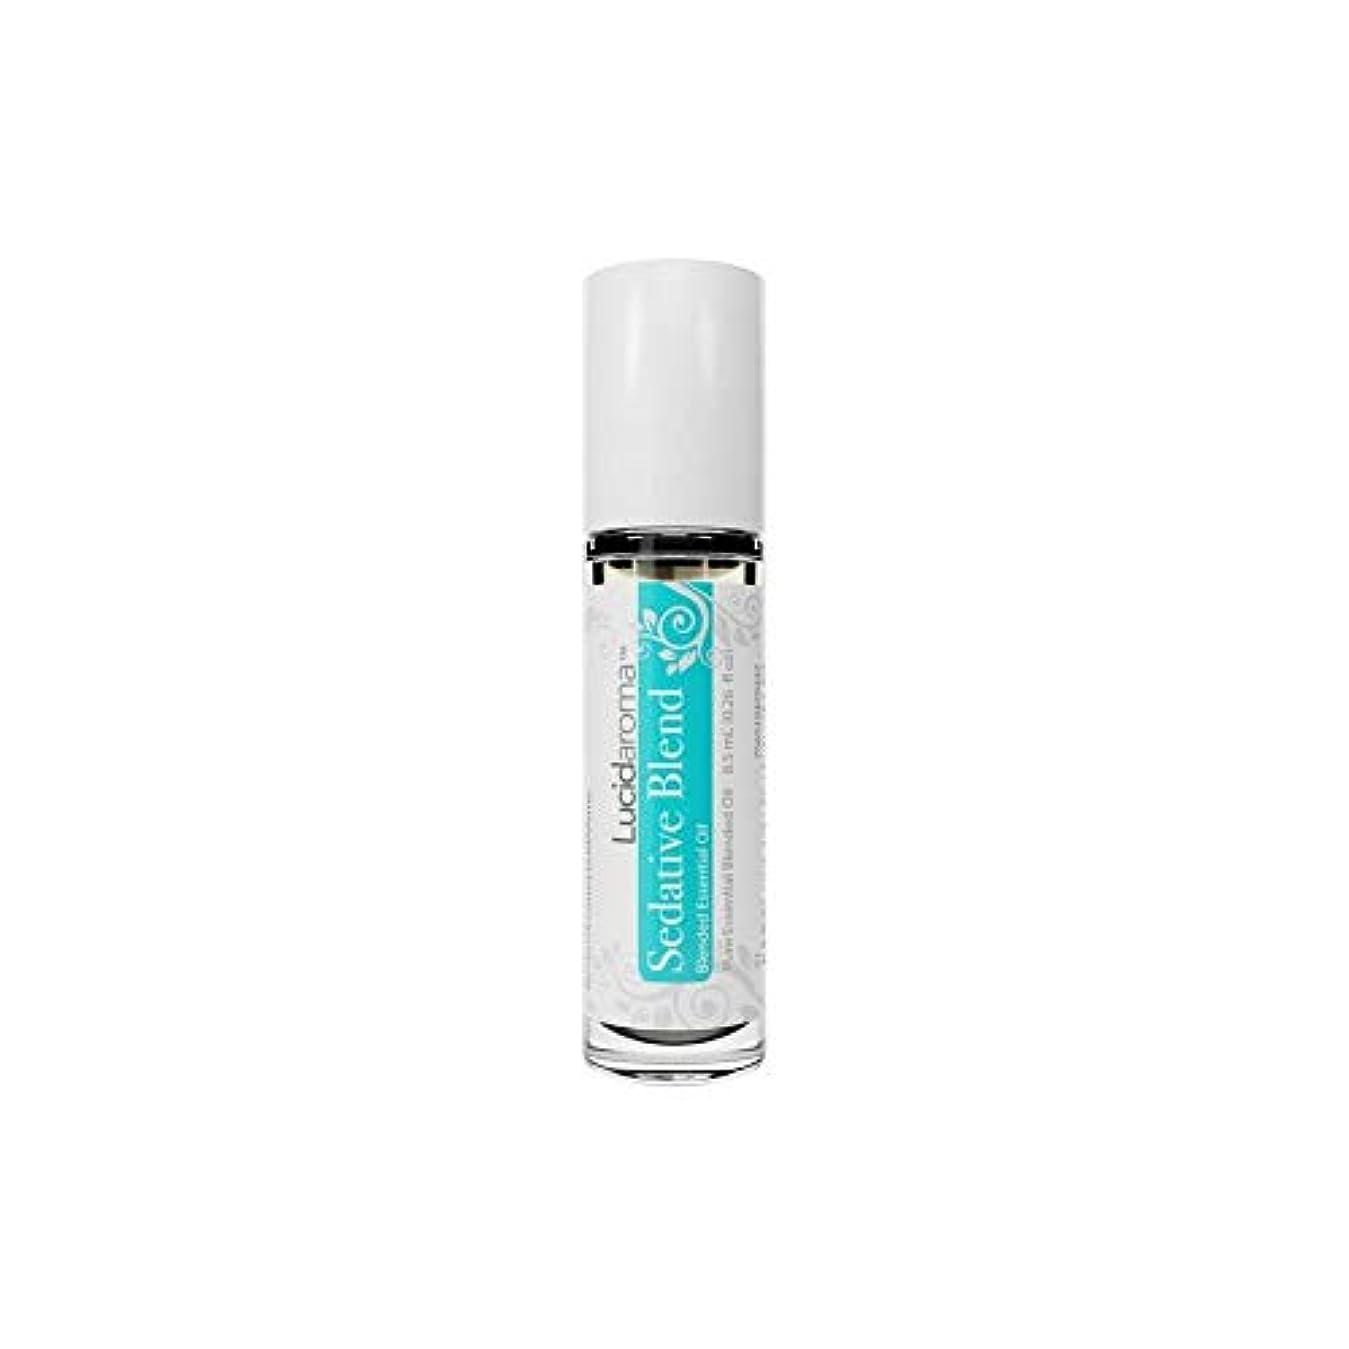 なしで硬いキャラクターLucid Aroma Sedative Blend セダティヴ ブレンド ロールオン アロマオイル 8.5mL (塗るアロマ) 100%天然 携帯便利 ピュア エッセンシャル アメリカ製